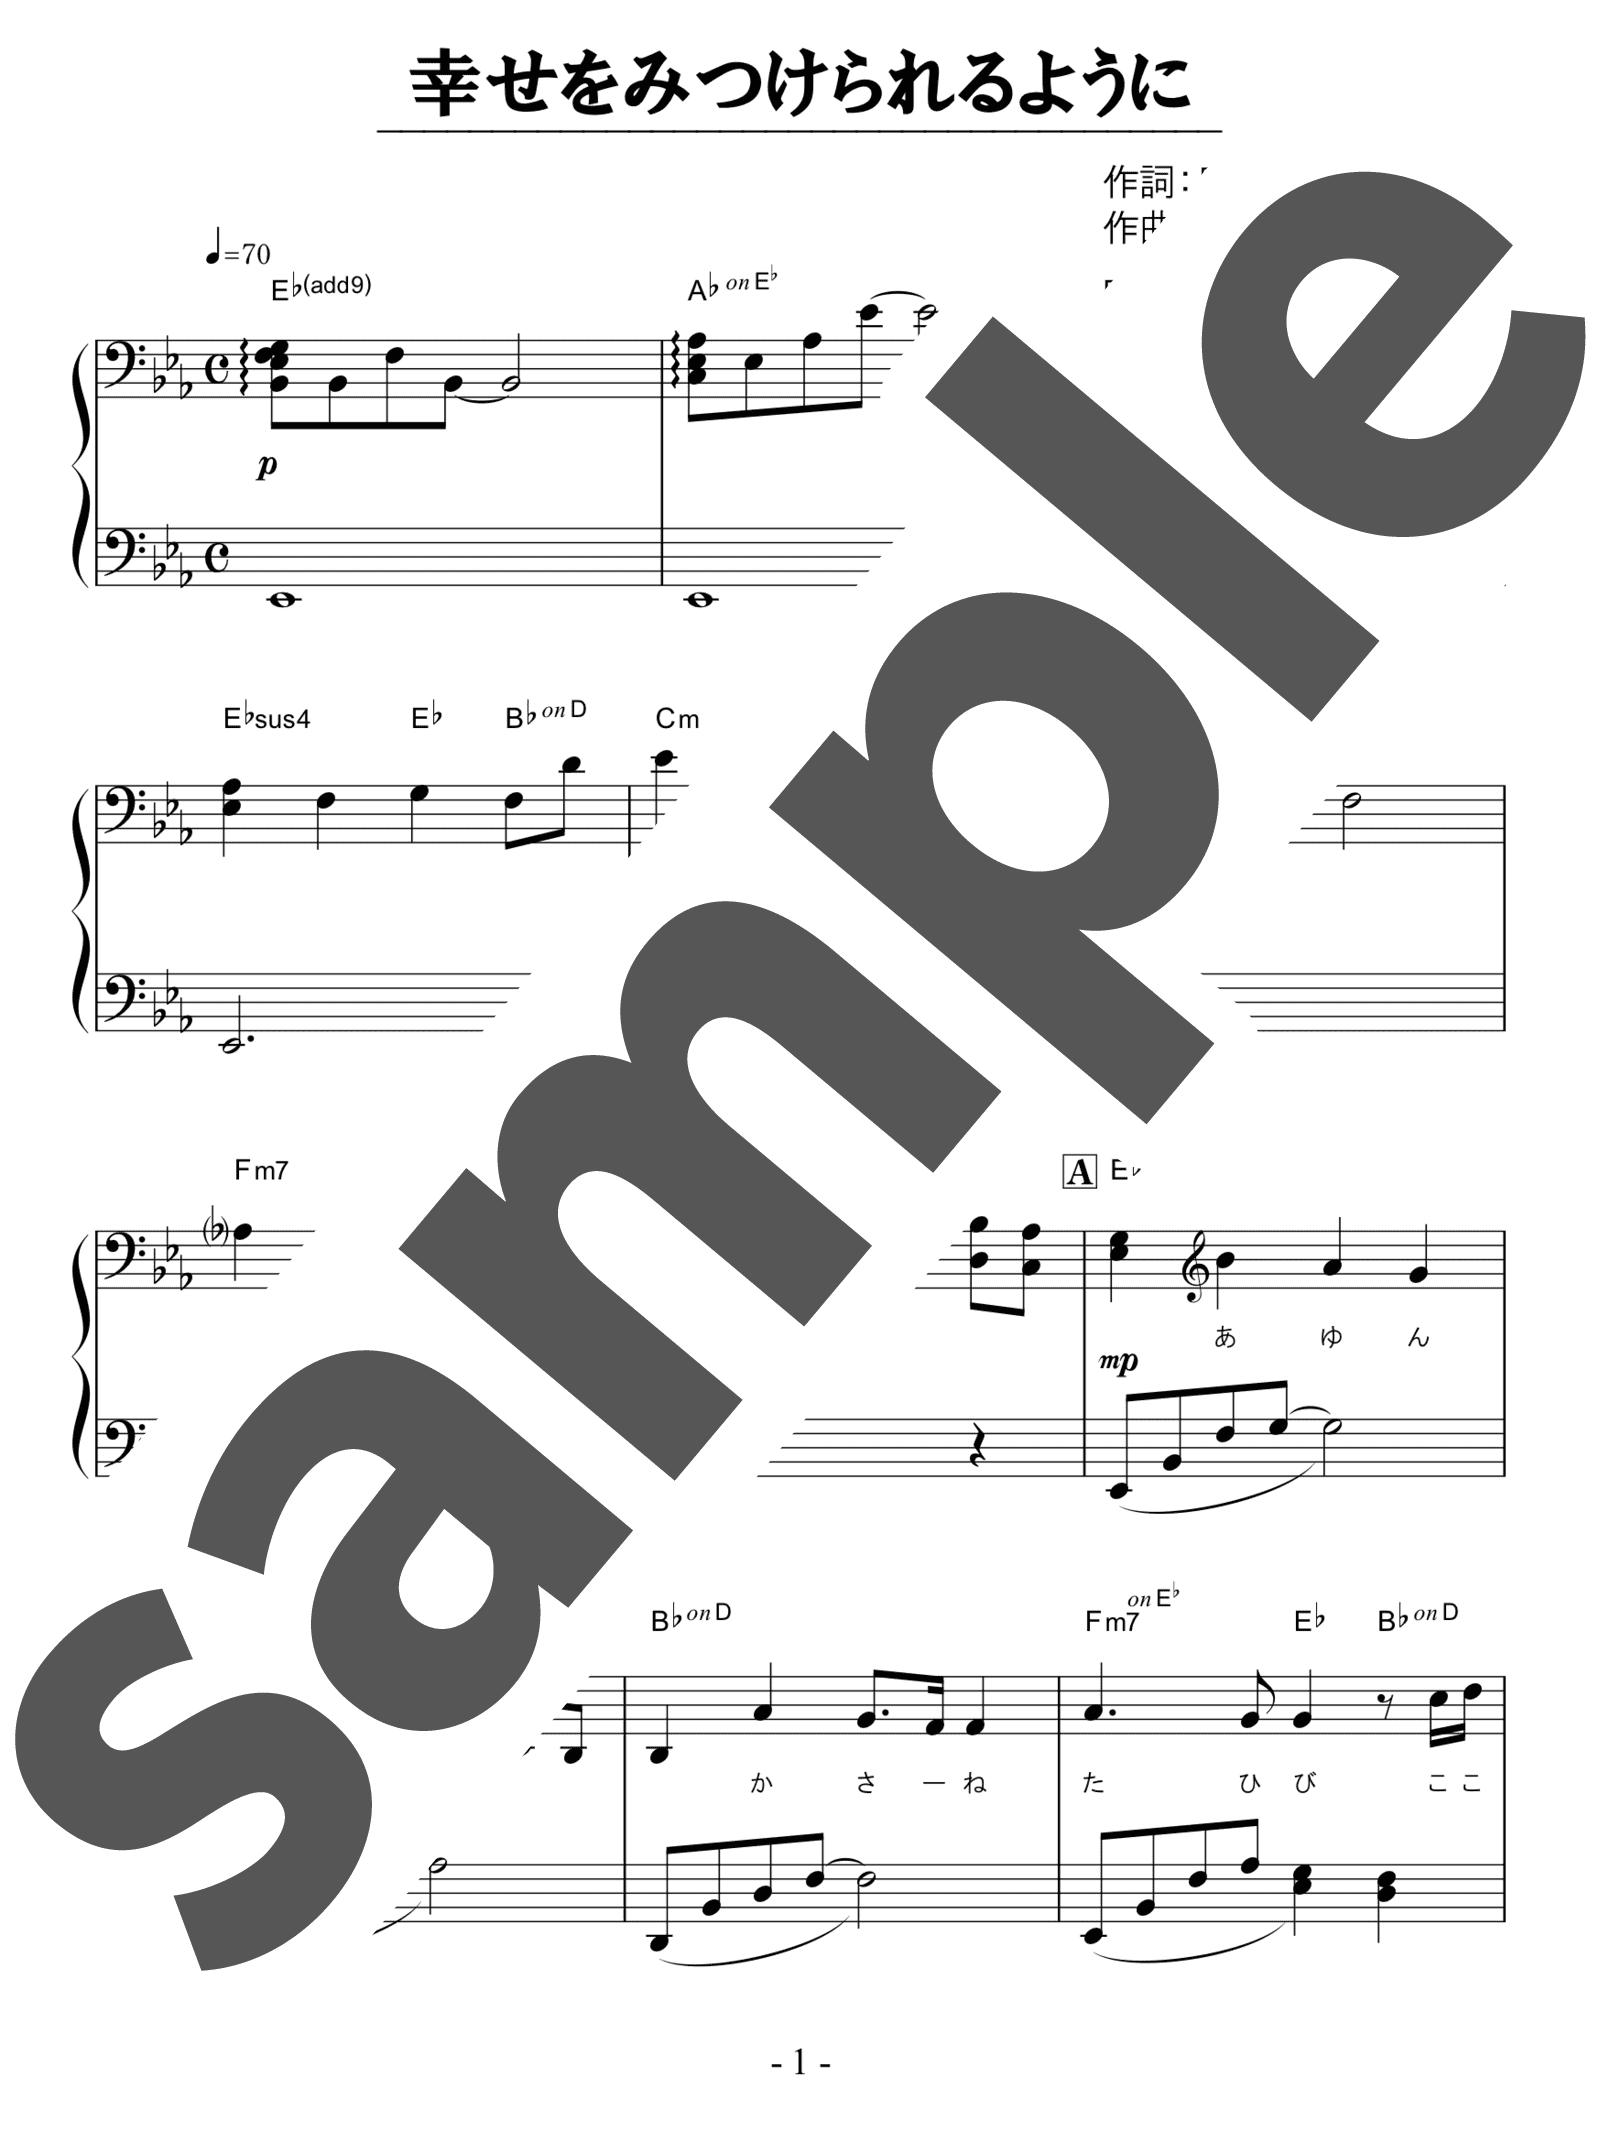 「幸せをみつけられるように」のサンプル楽譜